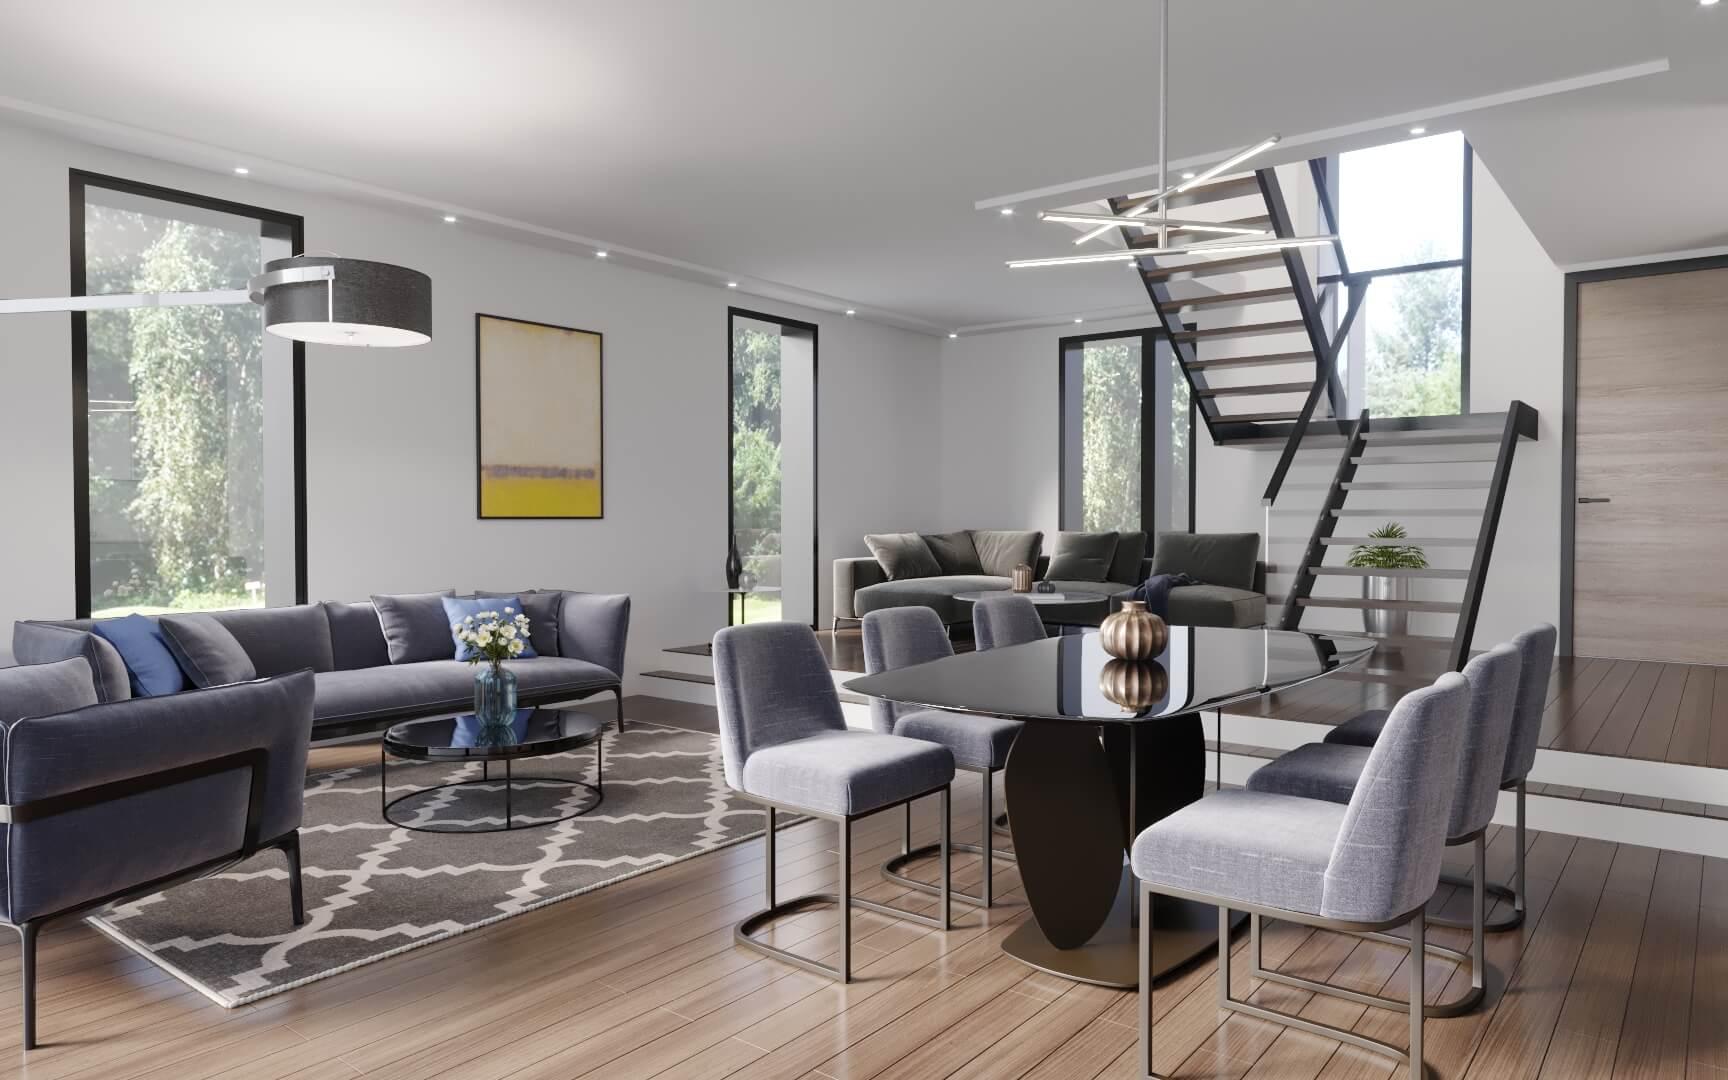 vue 3D d'un salon - perspective d'architecture 3D